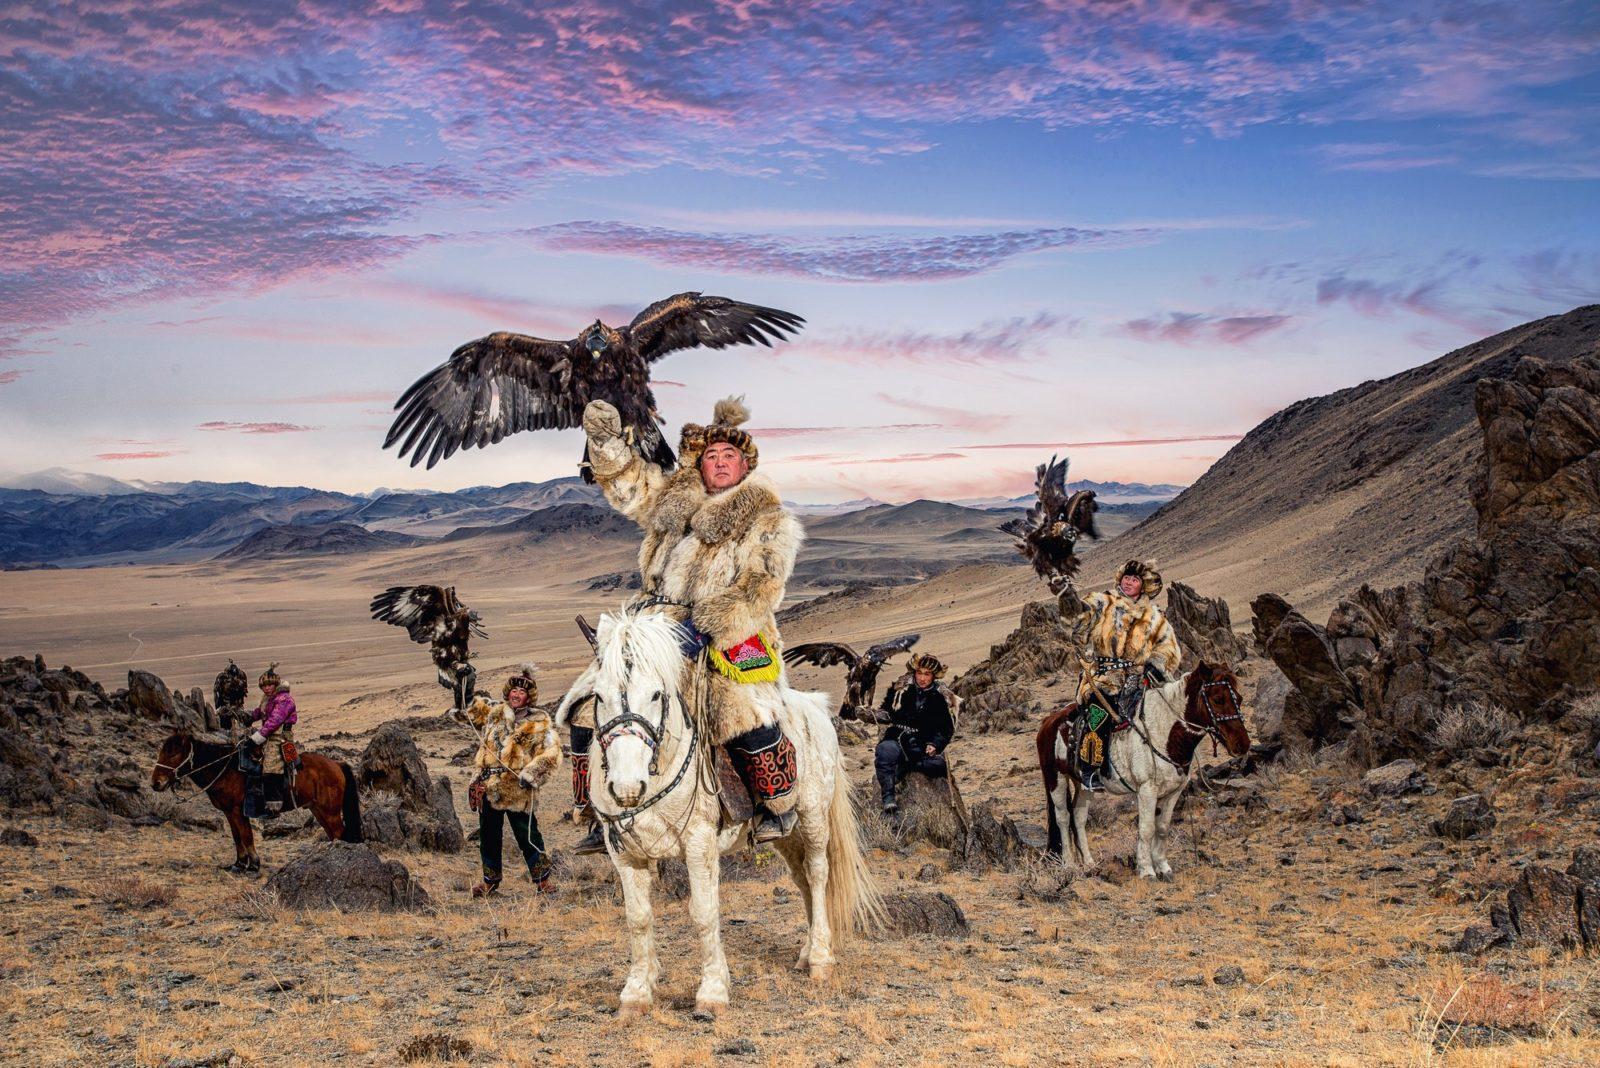 Осеннее путешествие по Монголии и фестиваль Беркутчи! Сентябрь – 8 дней. Октябрь – 6 дней.